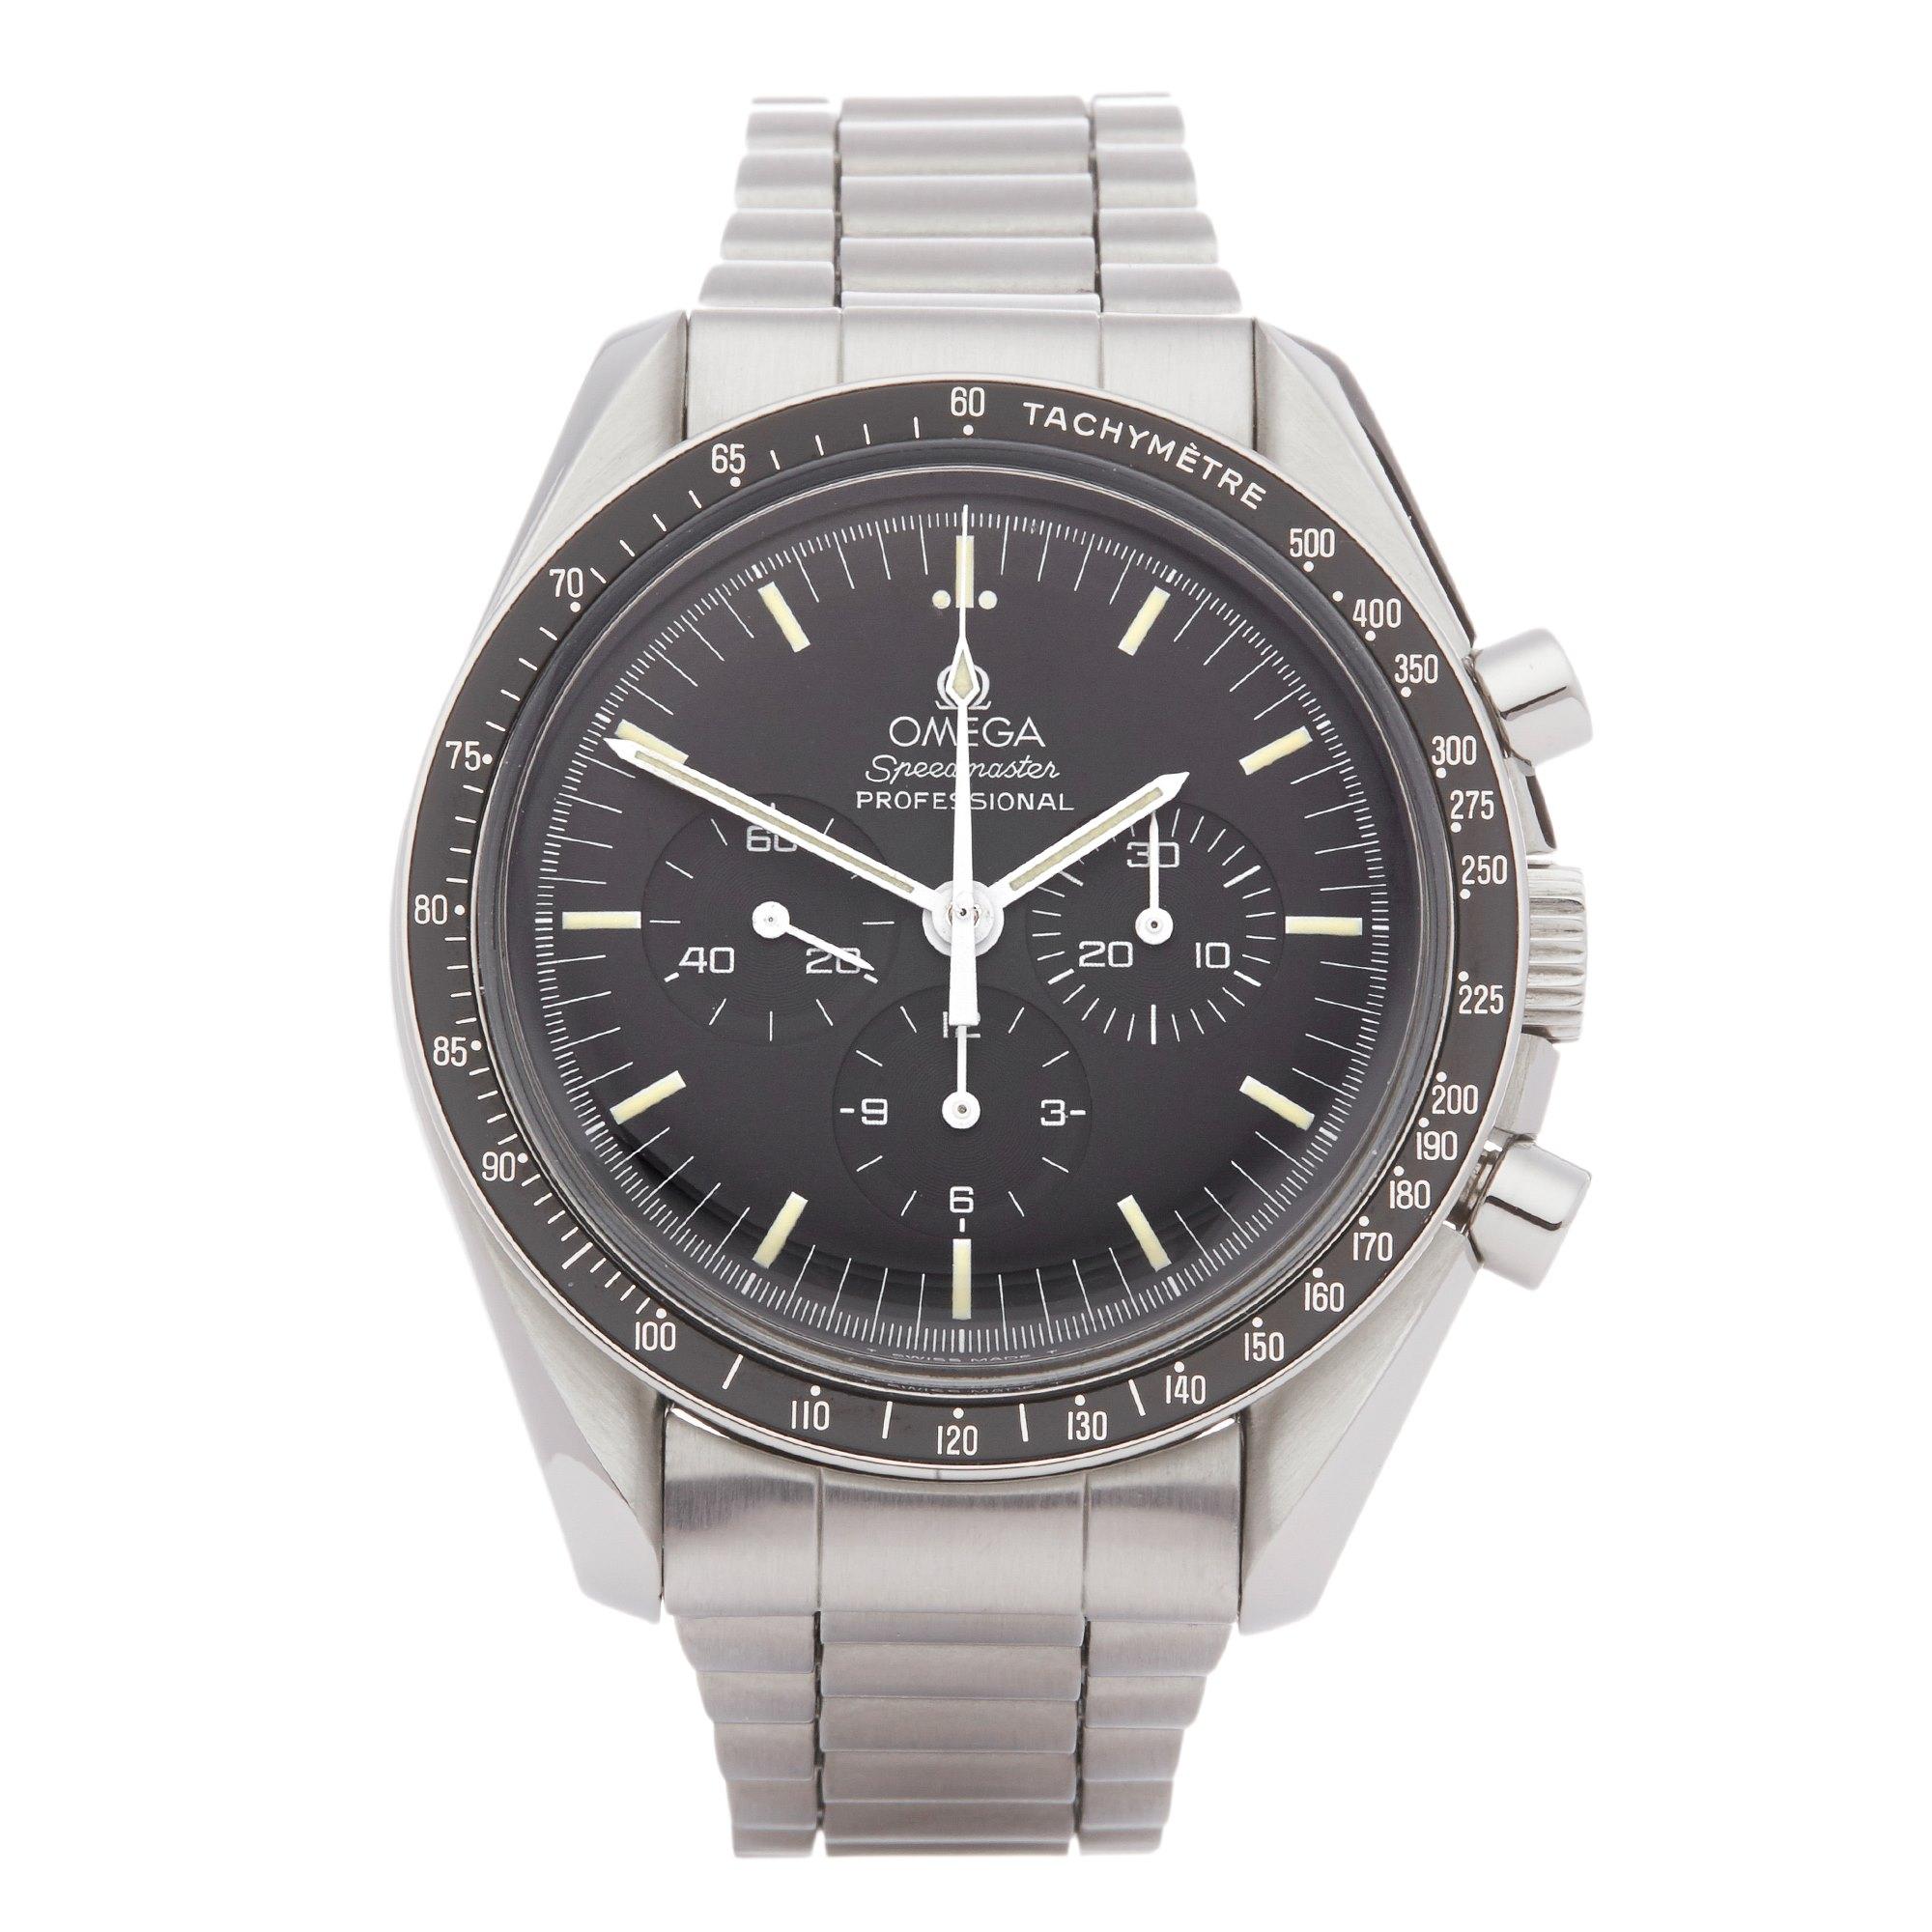 Omega Speedmaster Chronograph Stainless Steel 145.022 ST 74